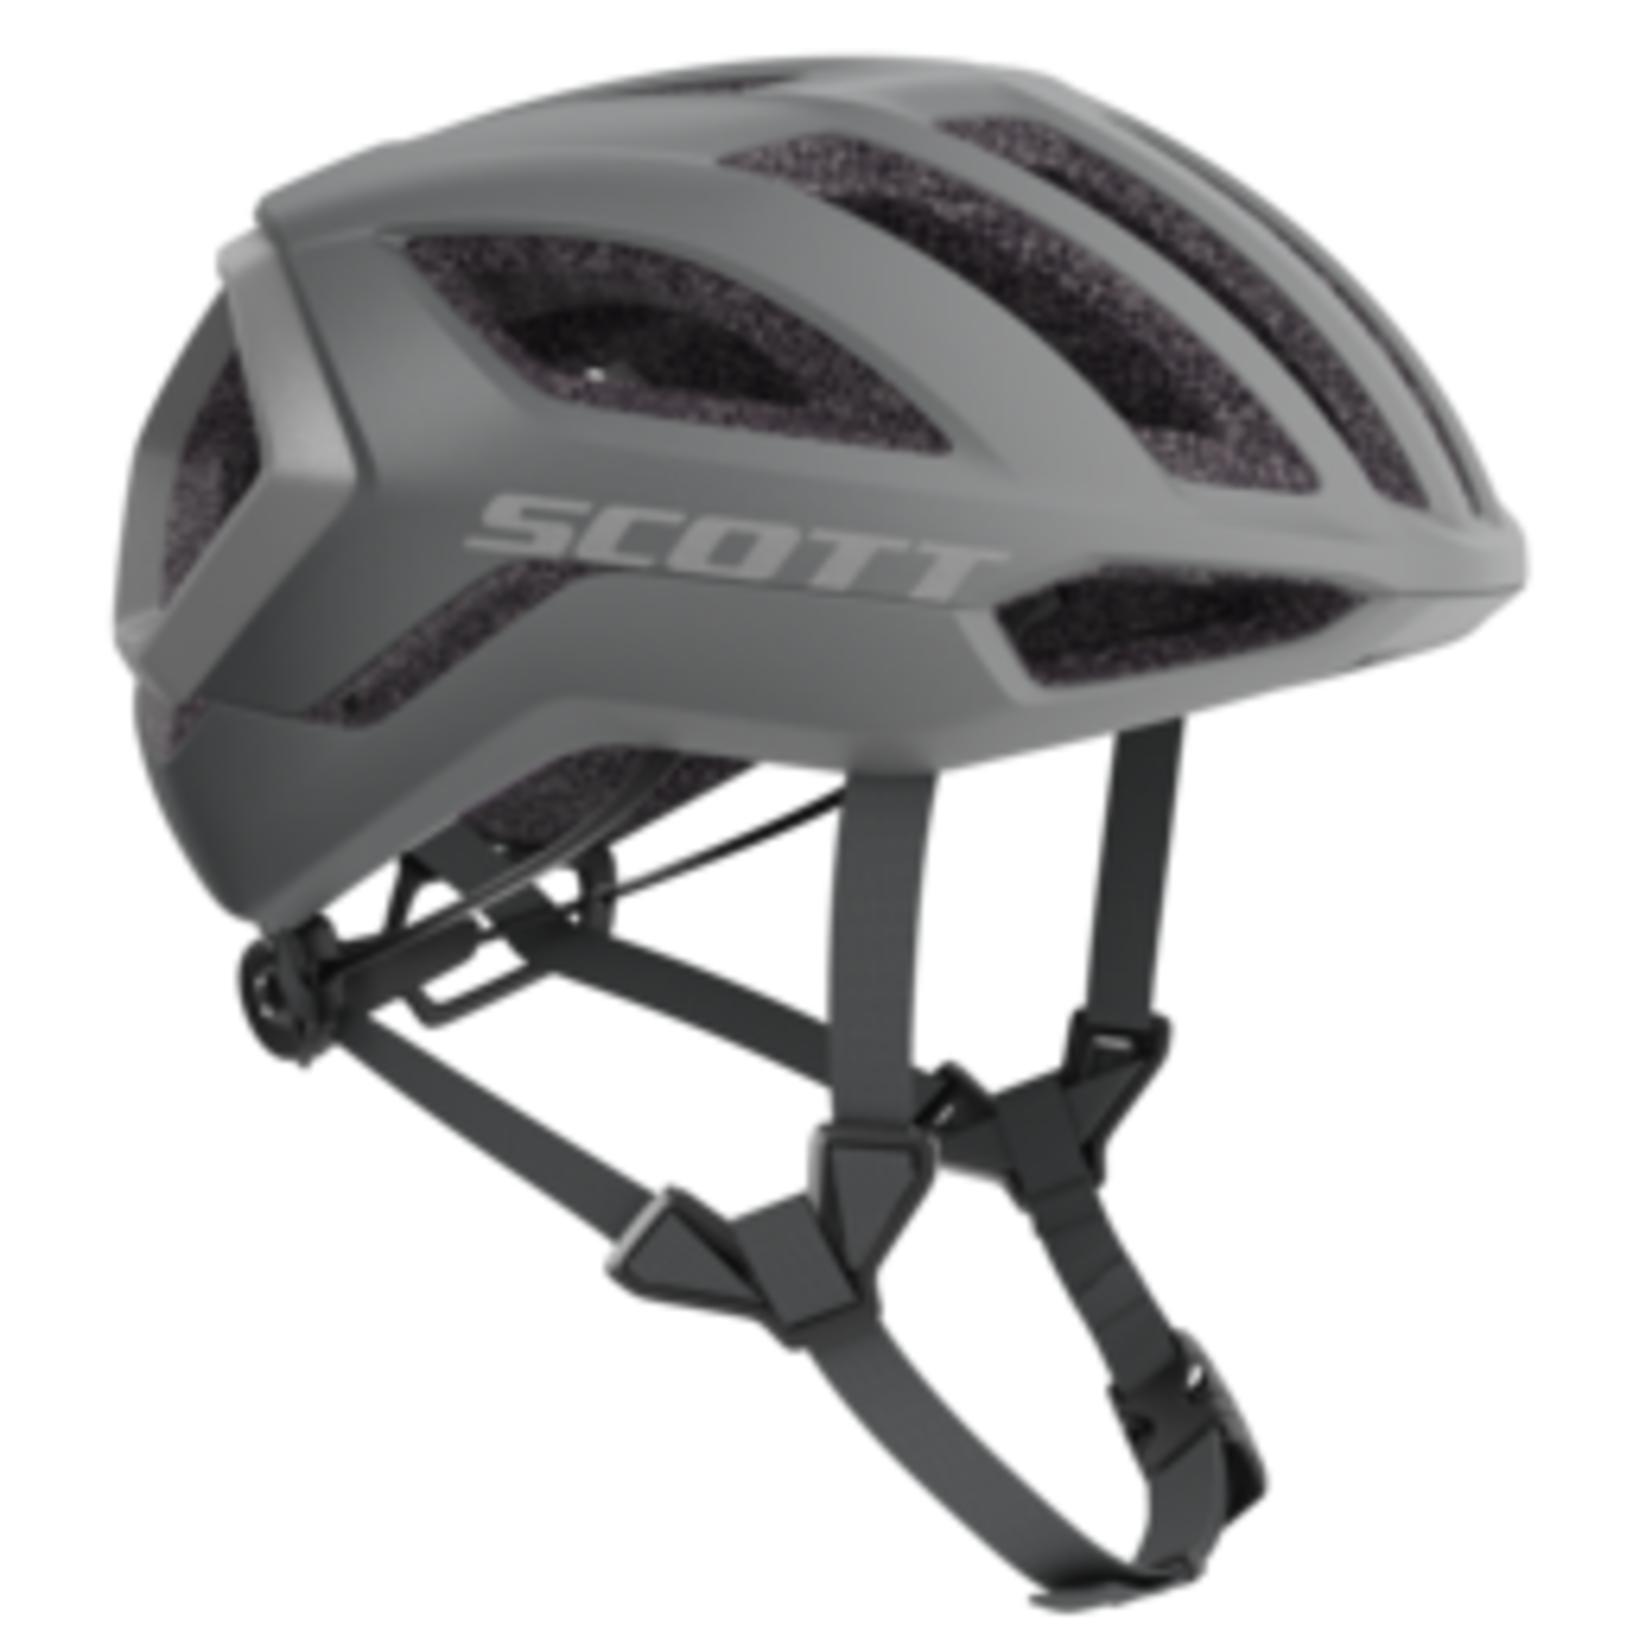 Scott SCO Helmet Centric PLUS (CPSC) Small